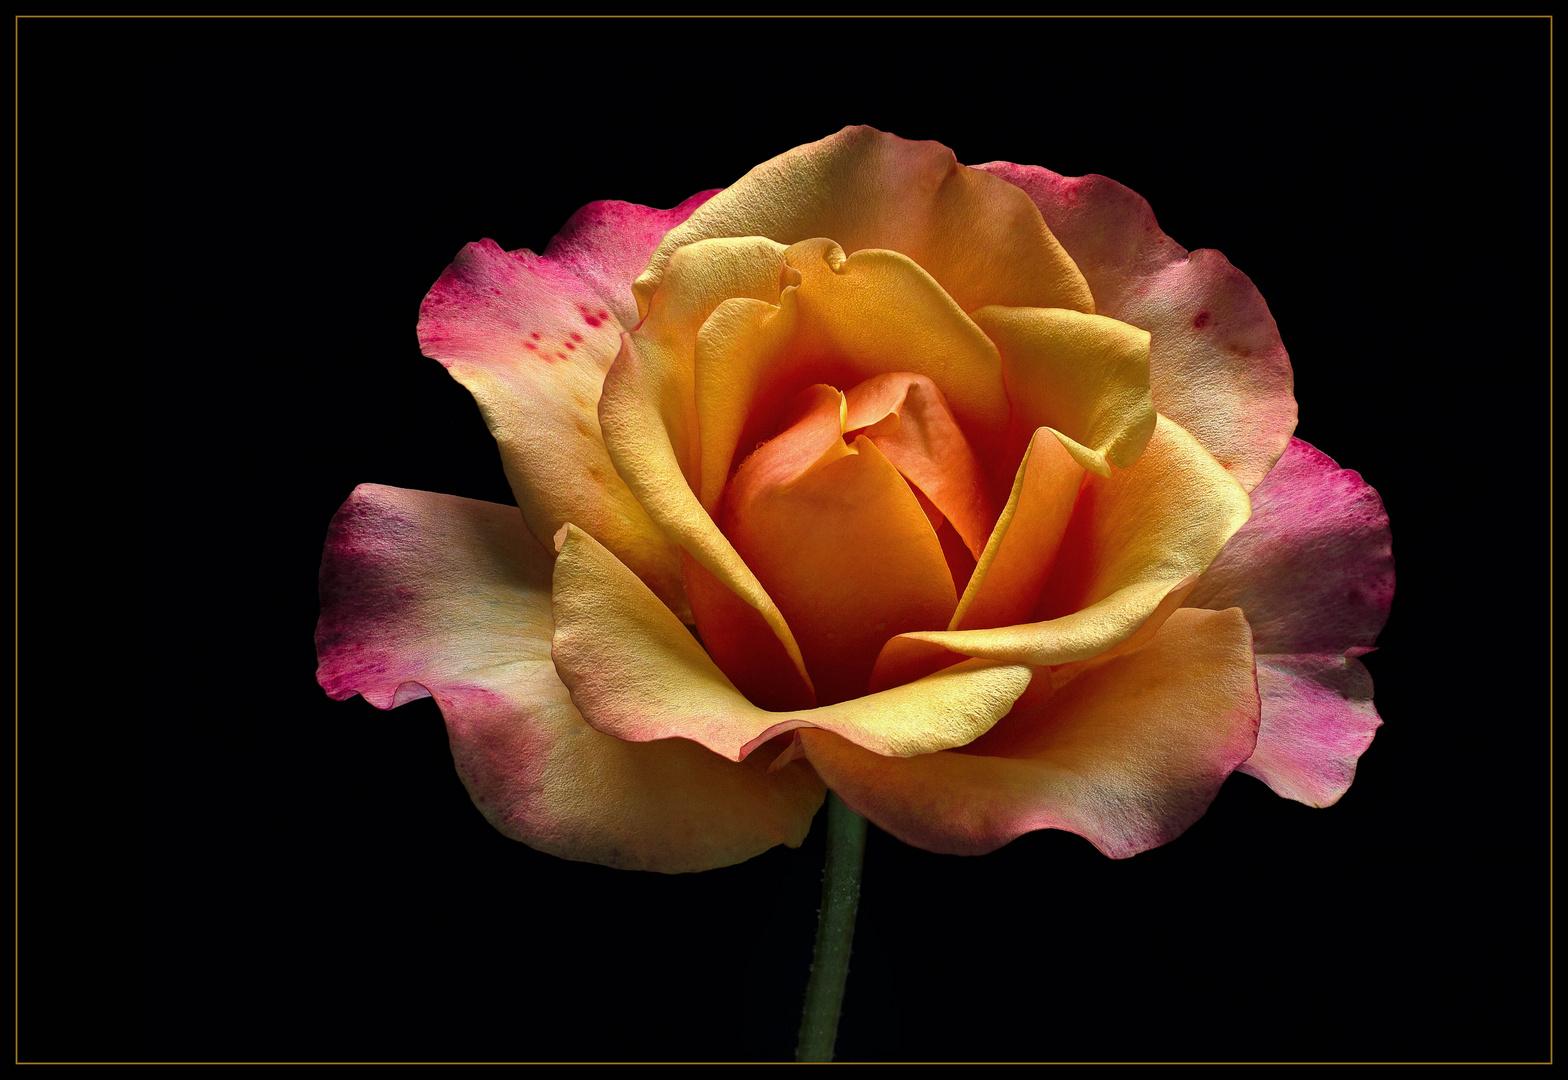 Sommerzeit ist auch die Zeit der herrlichen Rosen